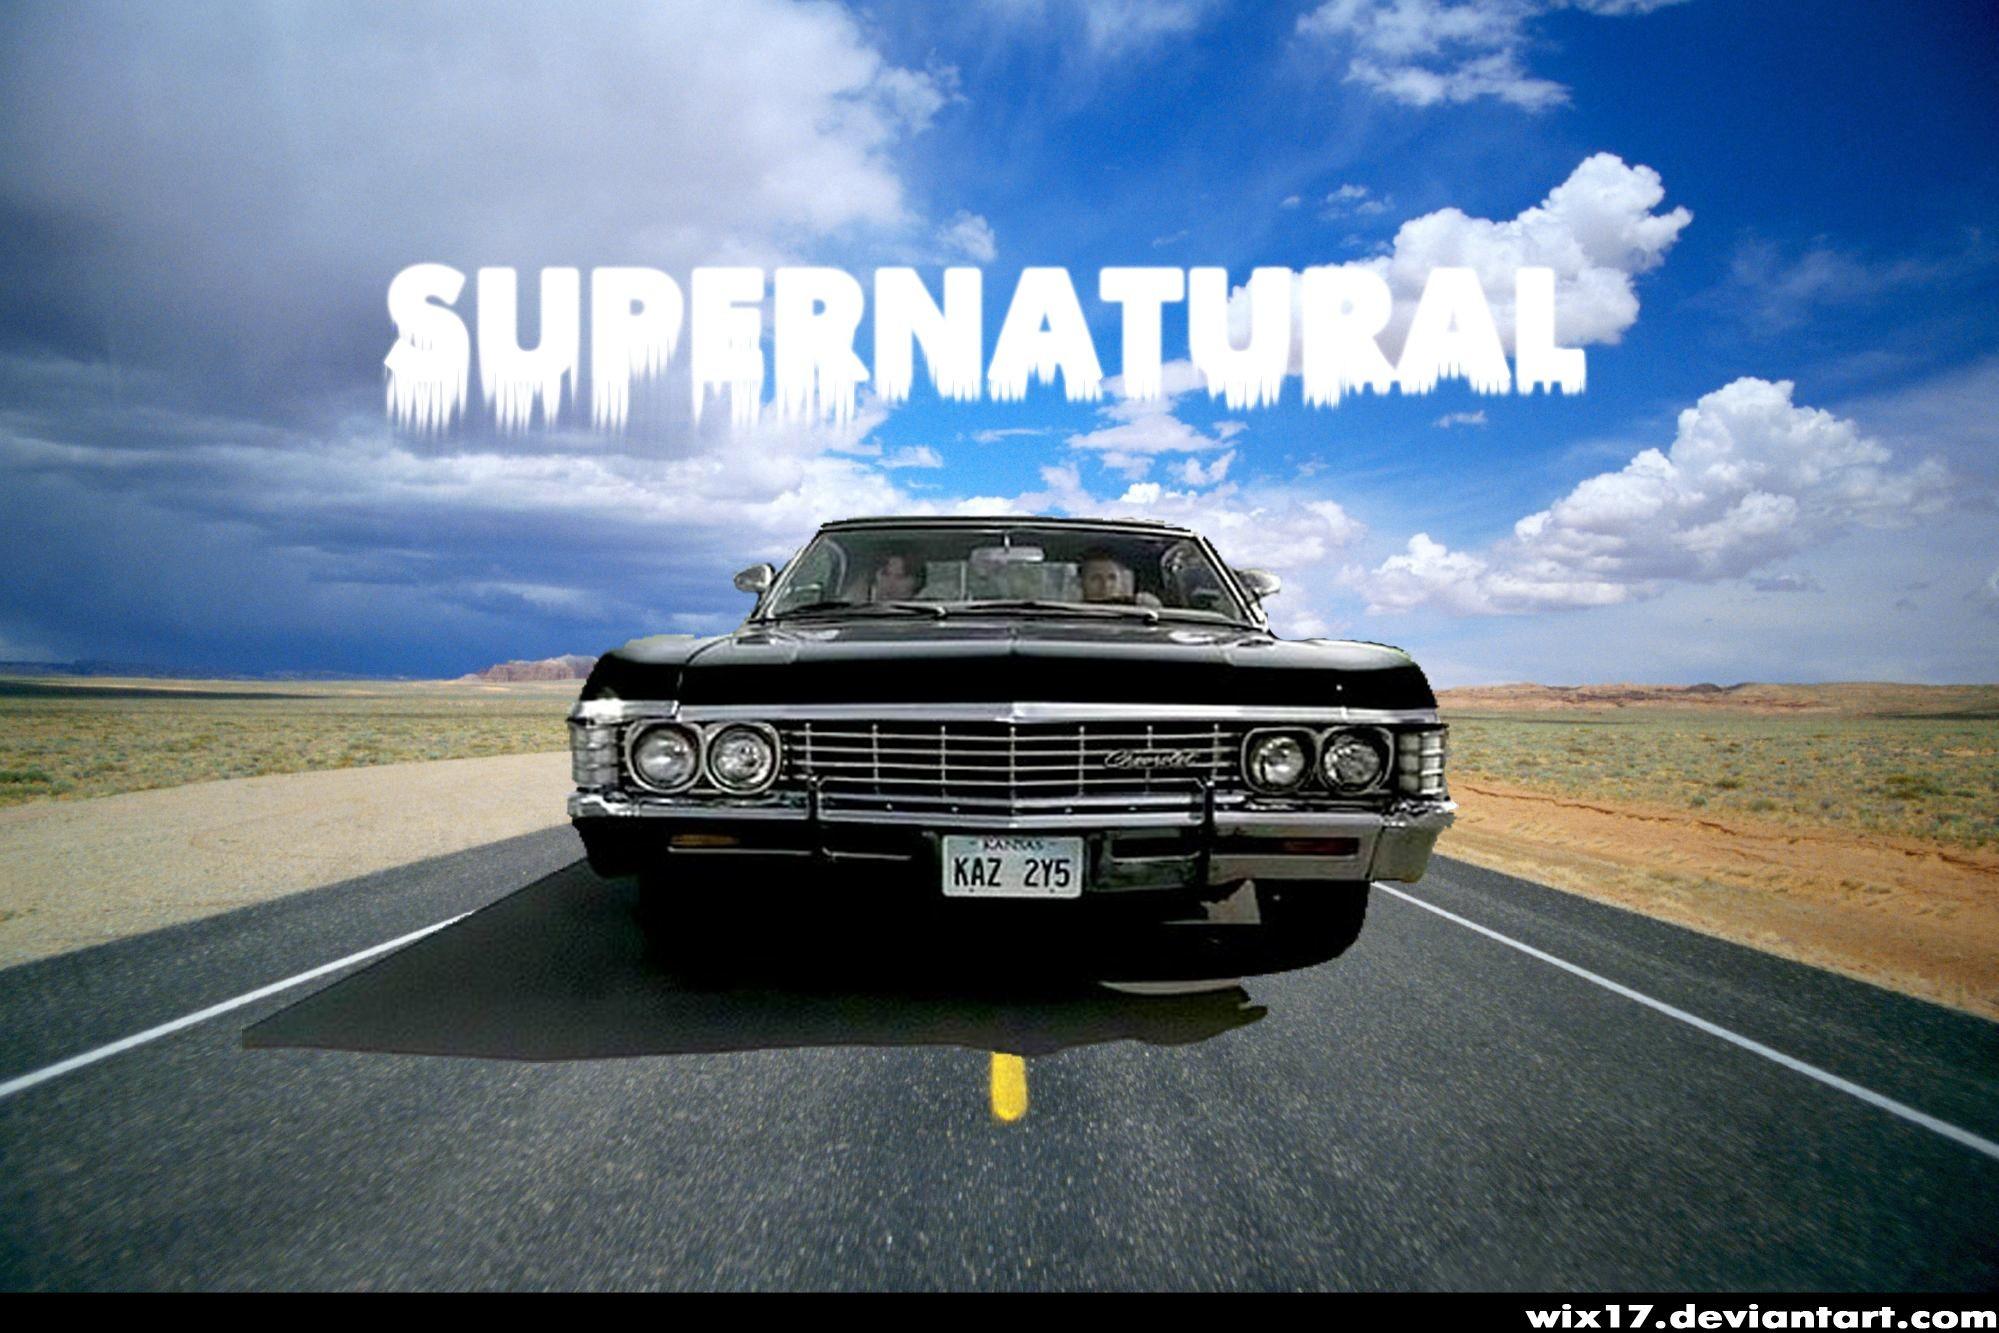 Supernatural Background Impala images